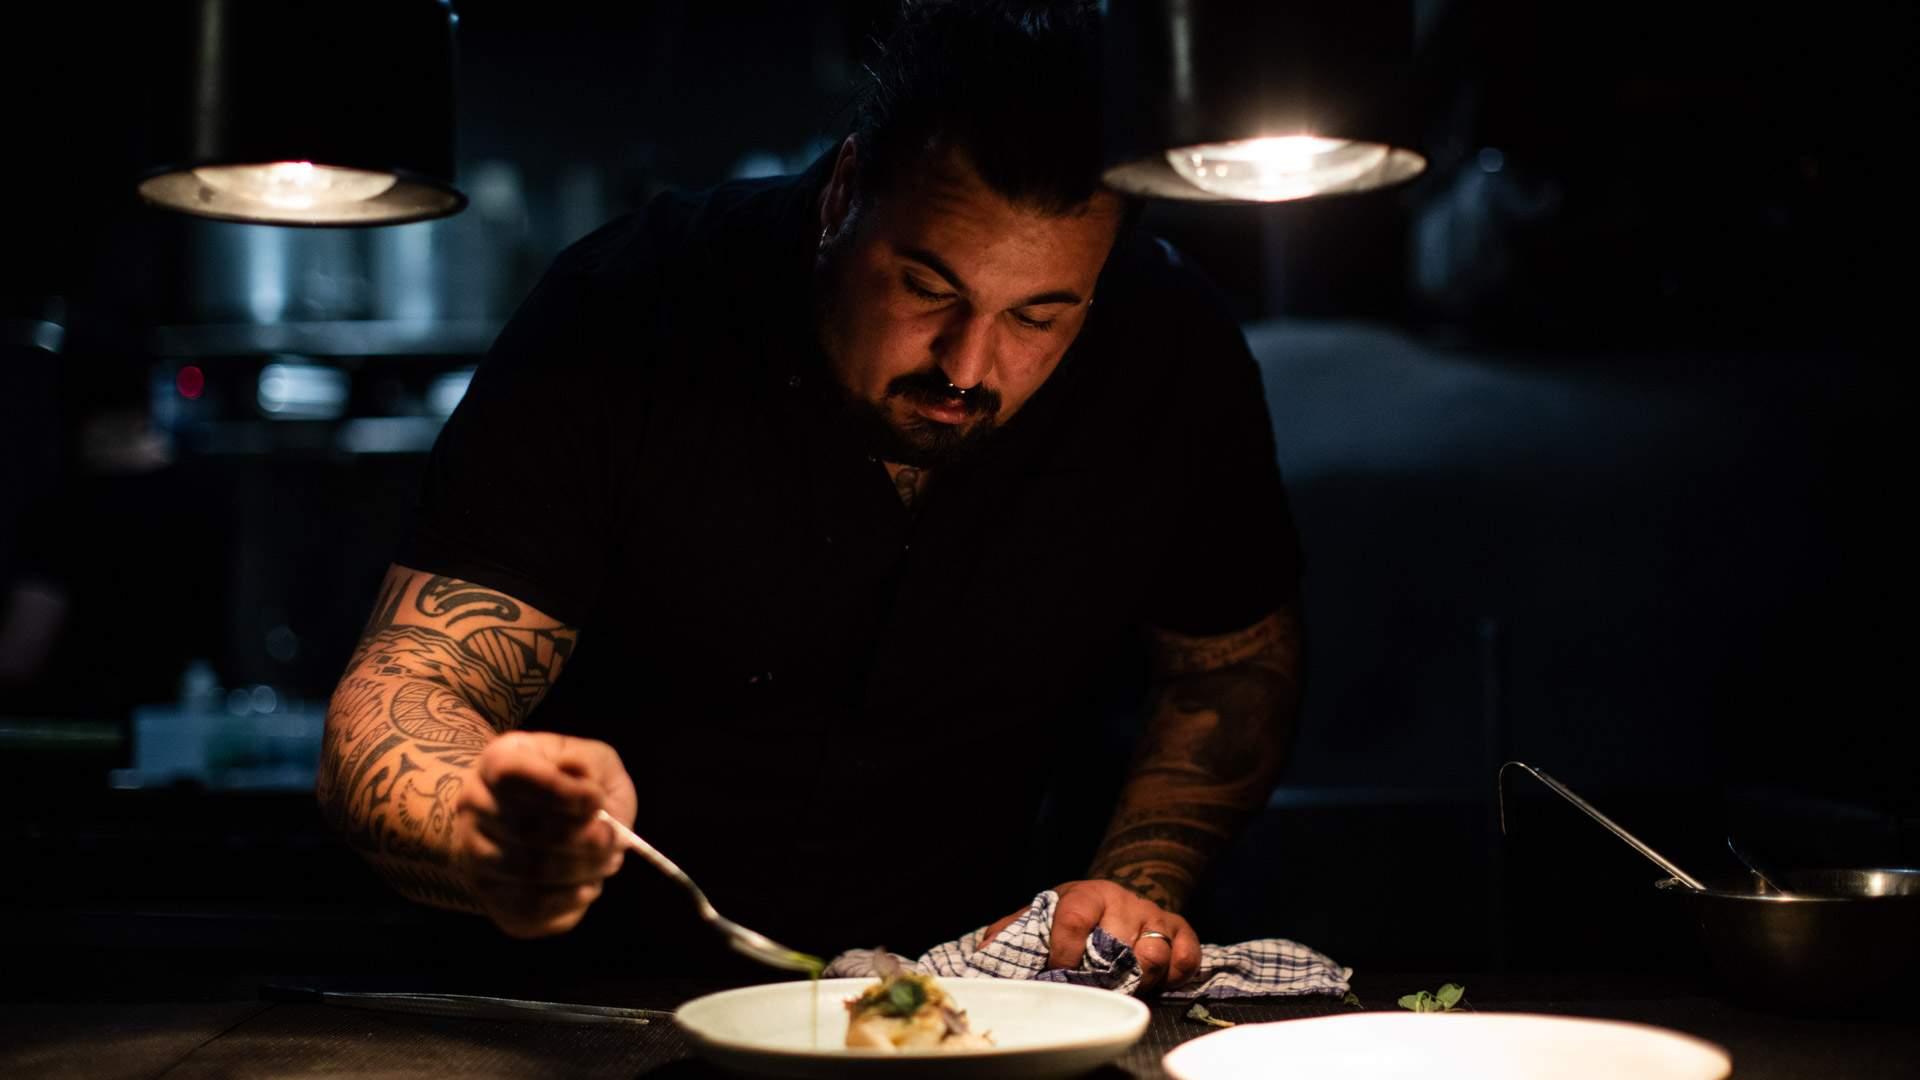 Head chef and owner Nicola Coccia at Osteria Il Coccia